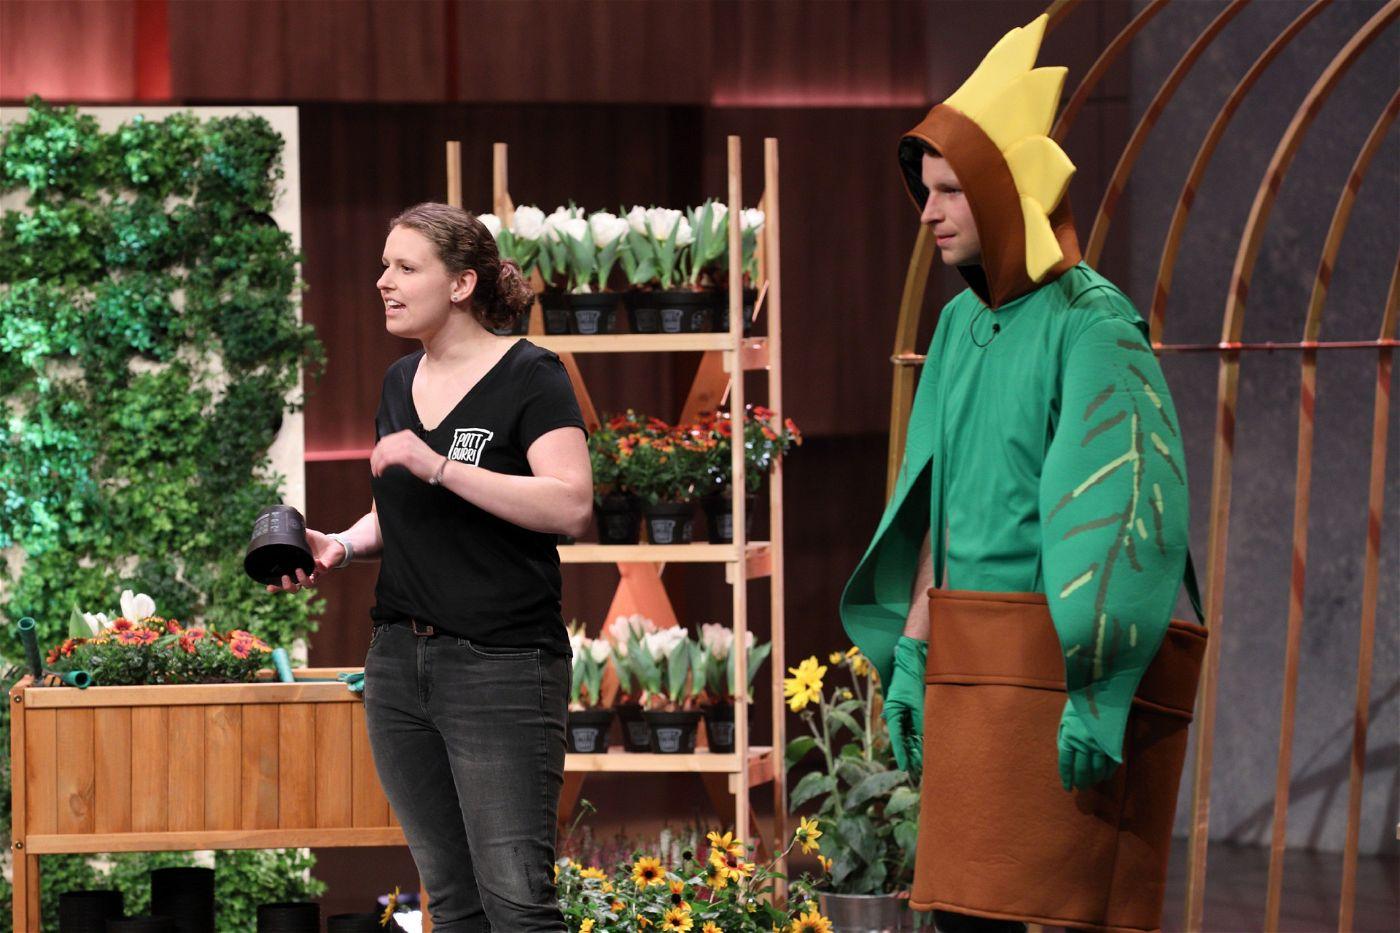 <b>Folge 6:</b> Ralf Dümmel schlägt beim biologisch abbaubaren Blumentopf POTTBURRI zu und investiert 150.000 Euro für 20 Prozent der Firmenanteile.